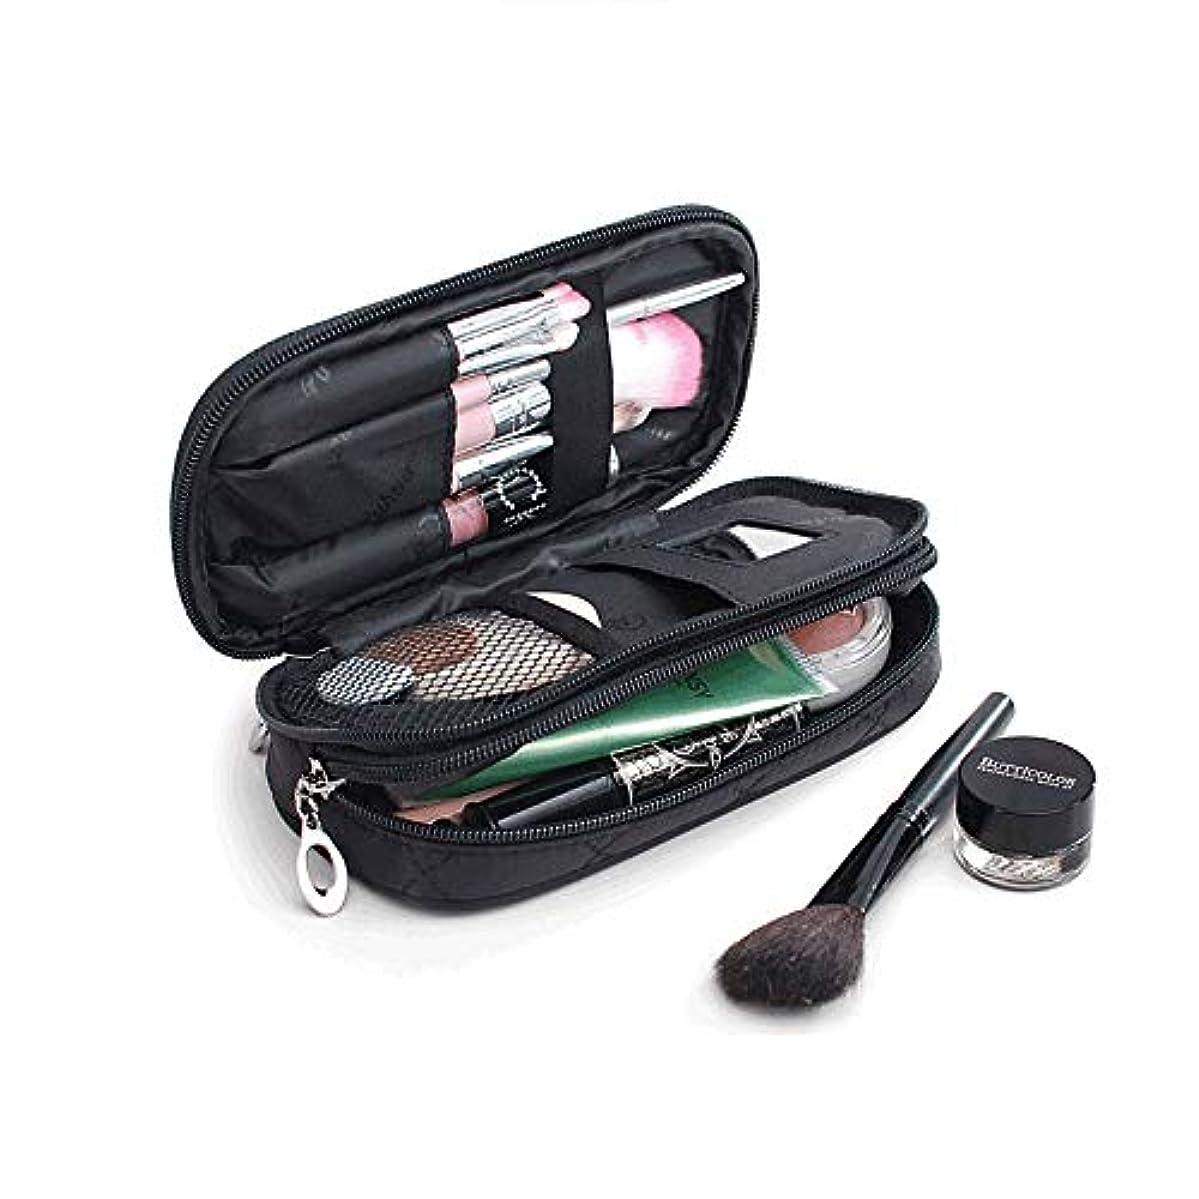 招待吐く植物のサントレード 化粧ポーチ 鏡付き メイクアップバッグ 化粧バッグ 小物入れ 収納 オーガナイザー